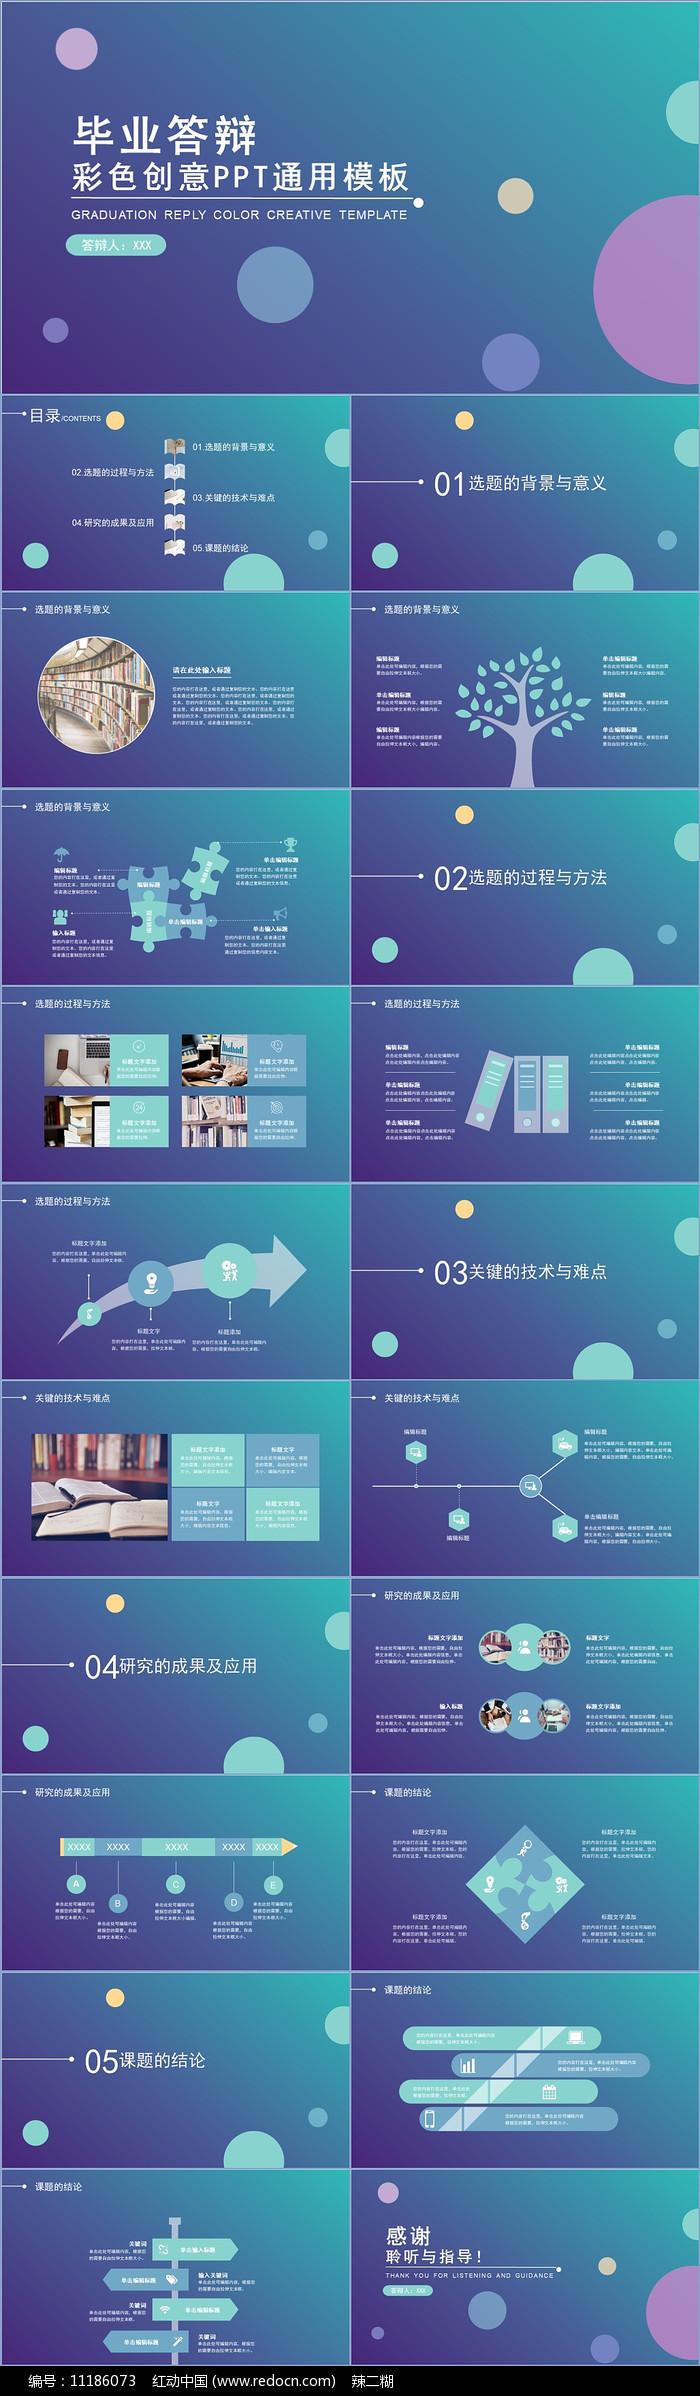 小清新大学生毕业论文答辩PPT模板图片